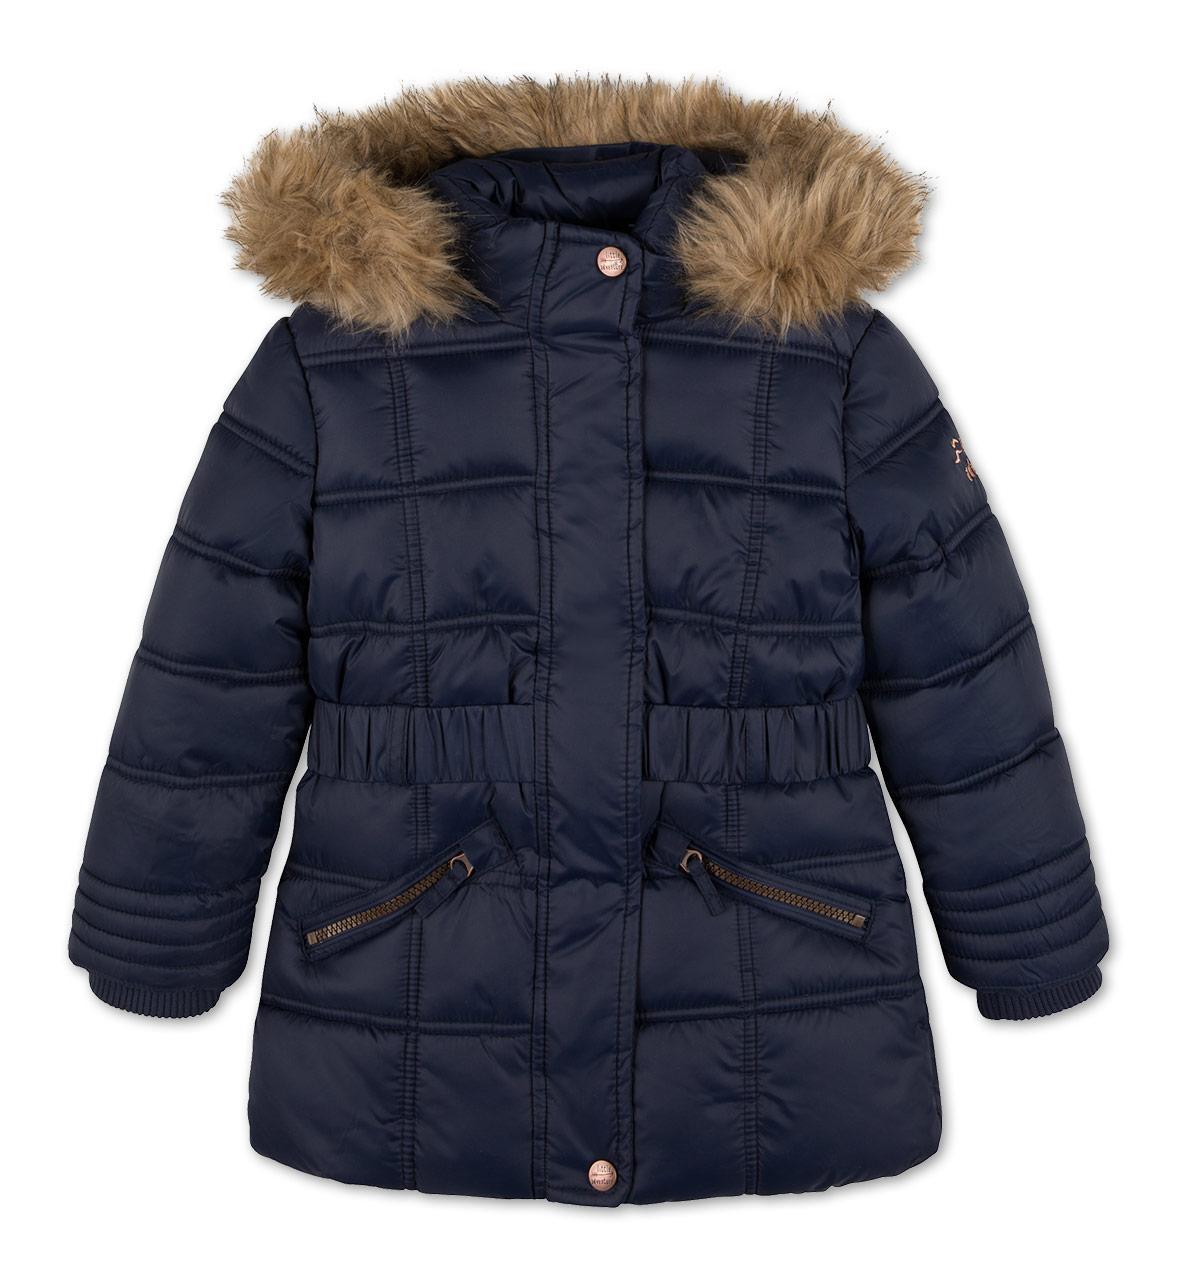 Детская зимняя куртка с капюшоном на девочку C&A Германия Размер 110